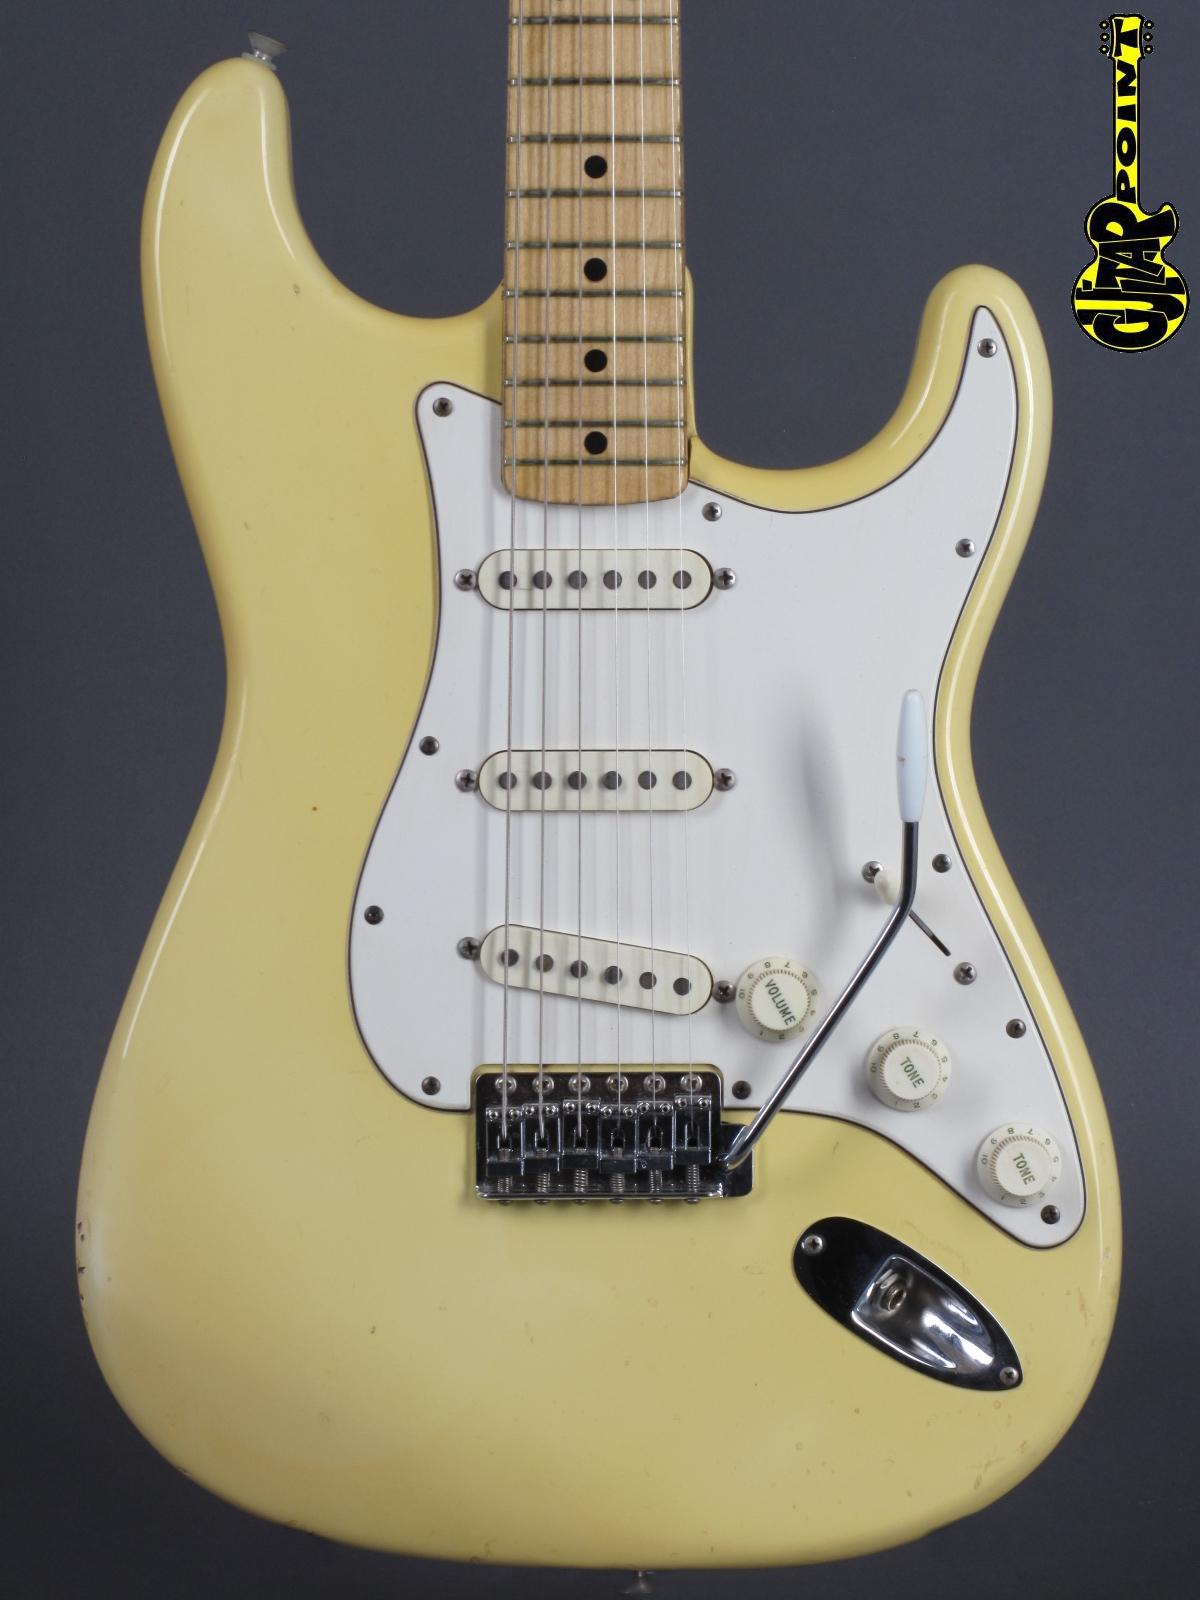 1973 Fender Stratocaster - Olympic White